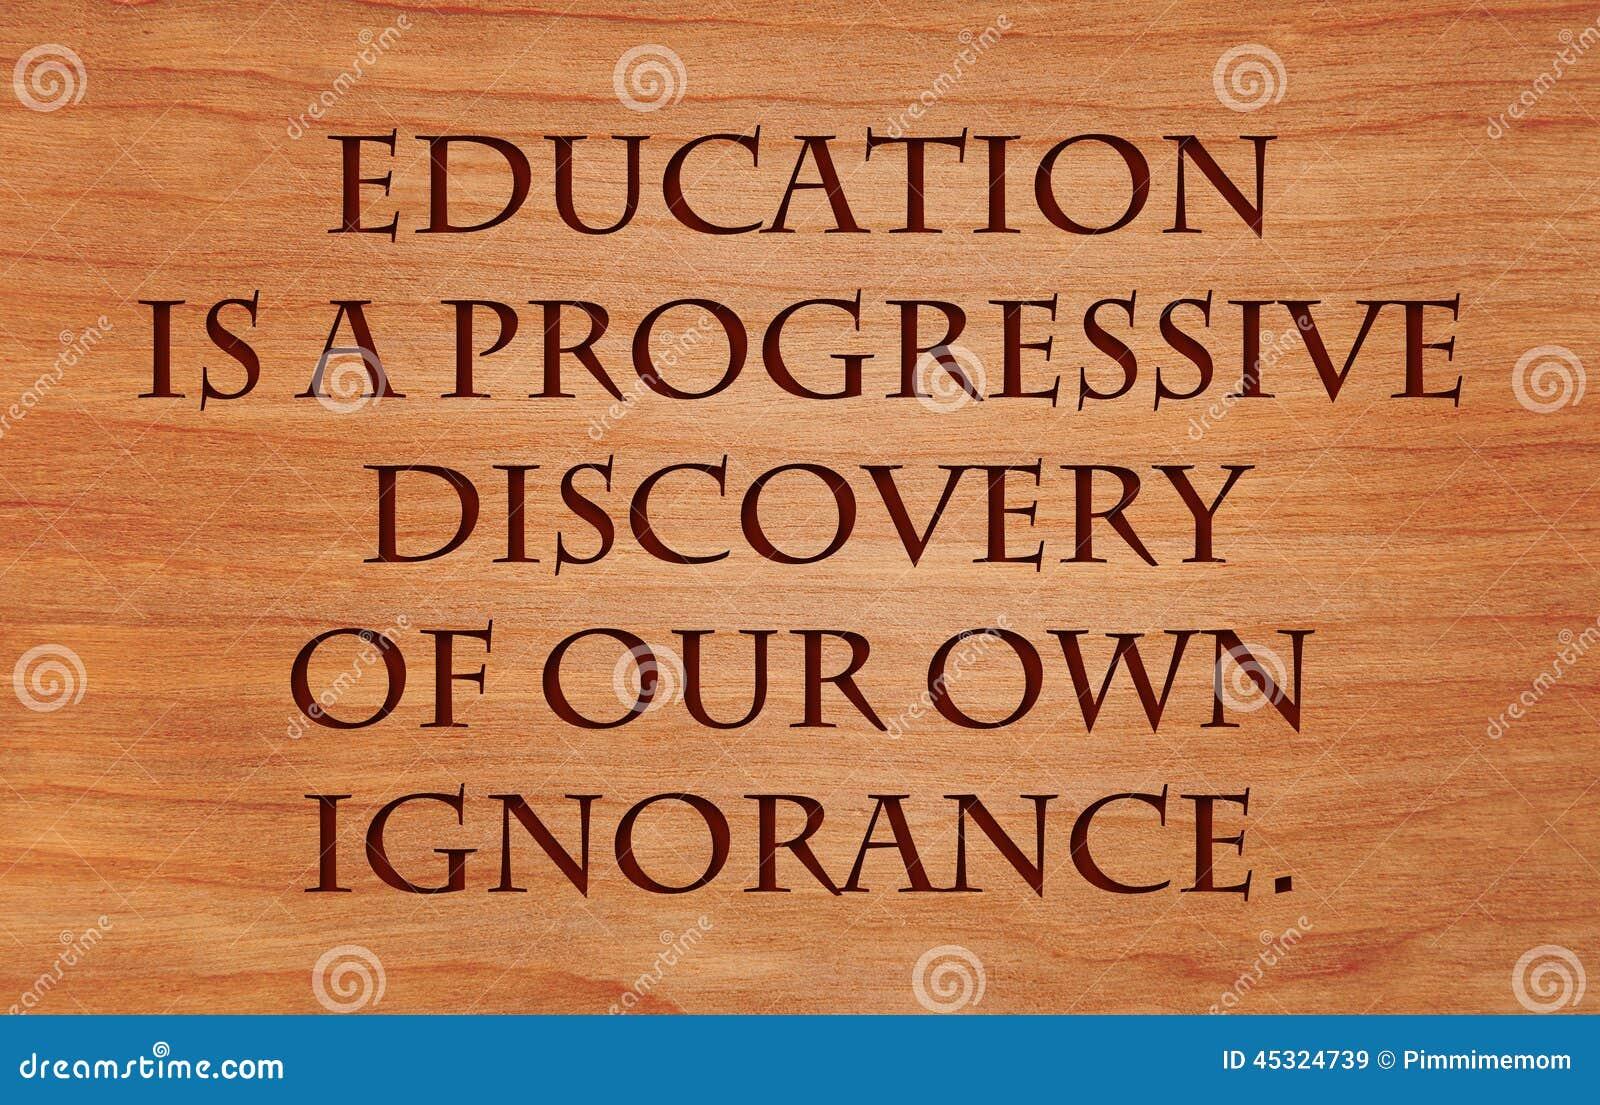 Bildung ist eine progressive Entdeckung